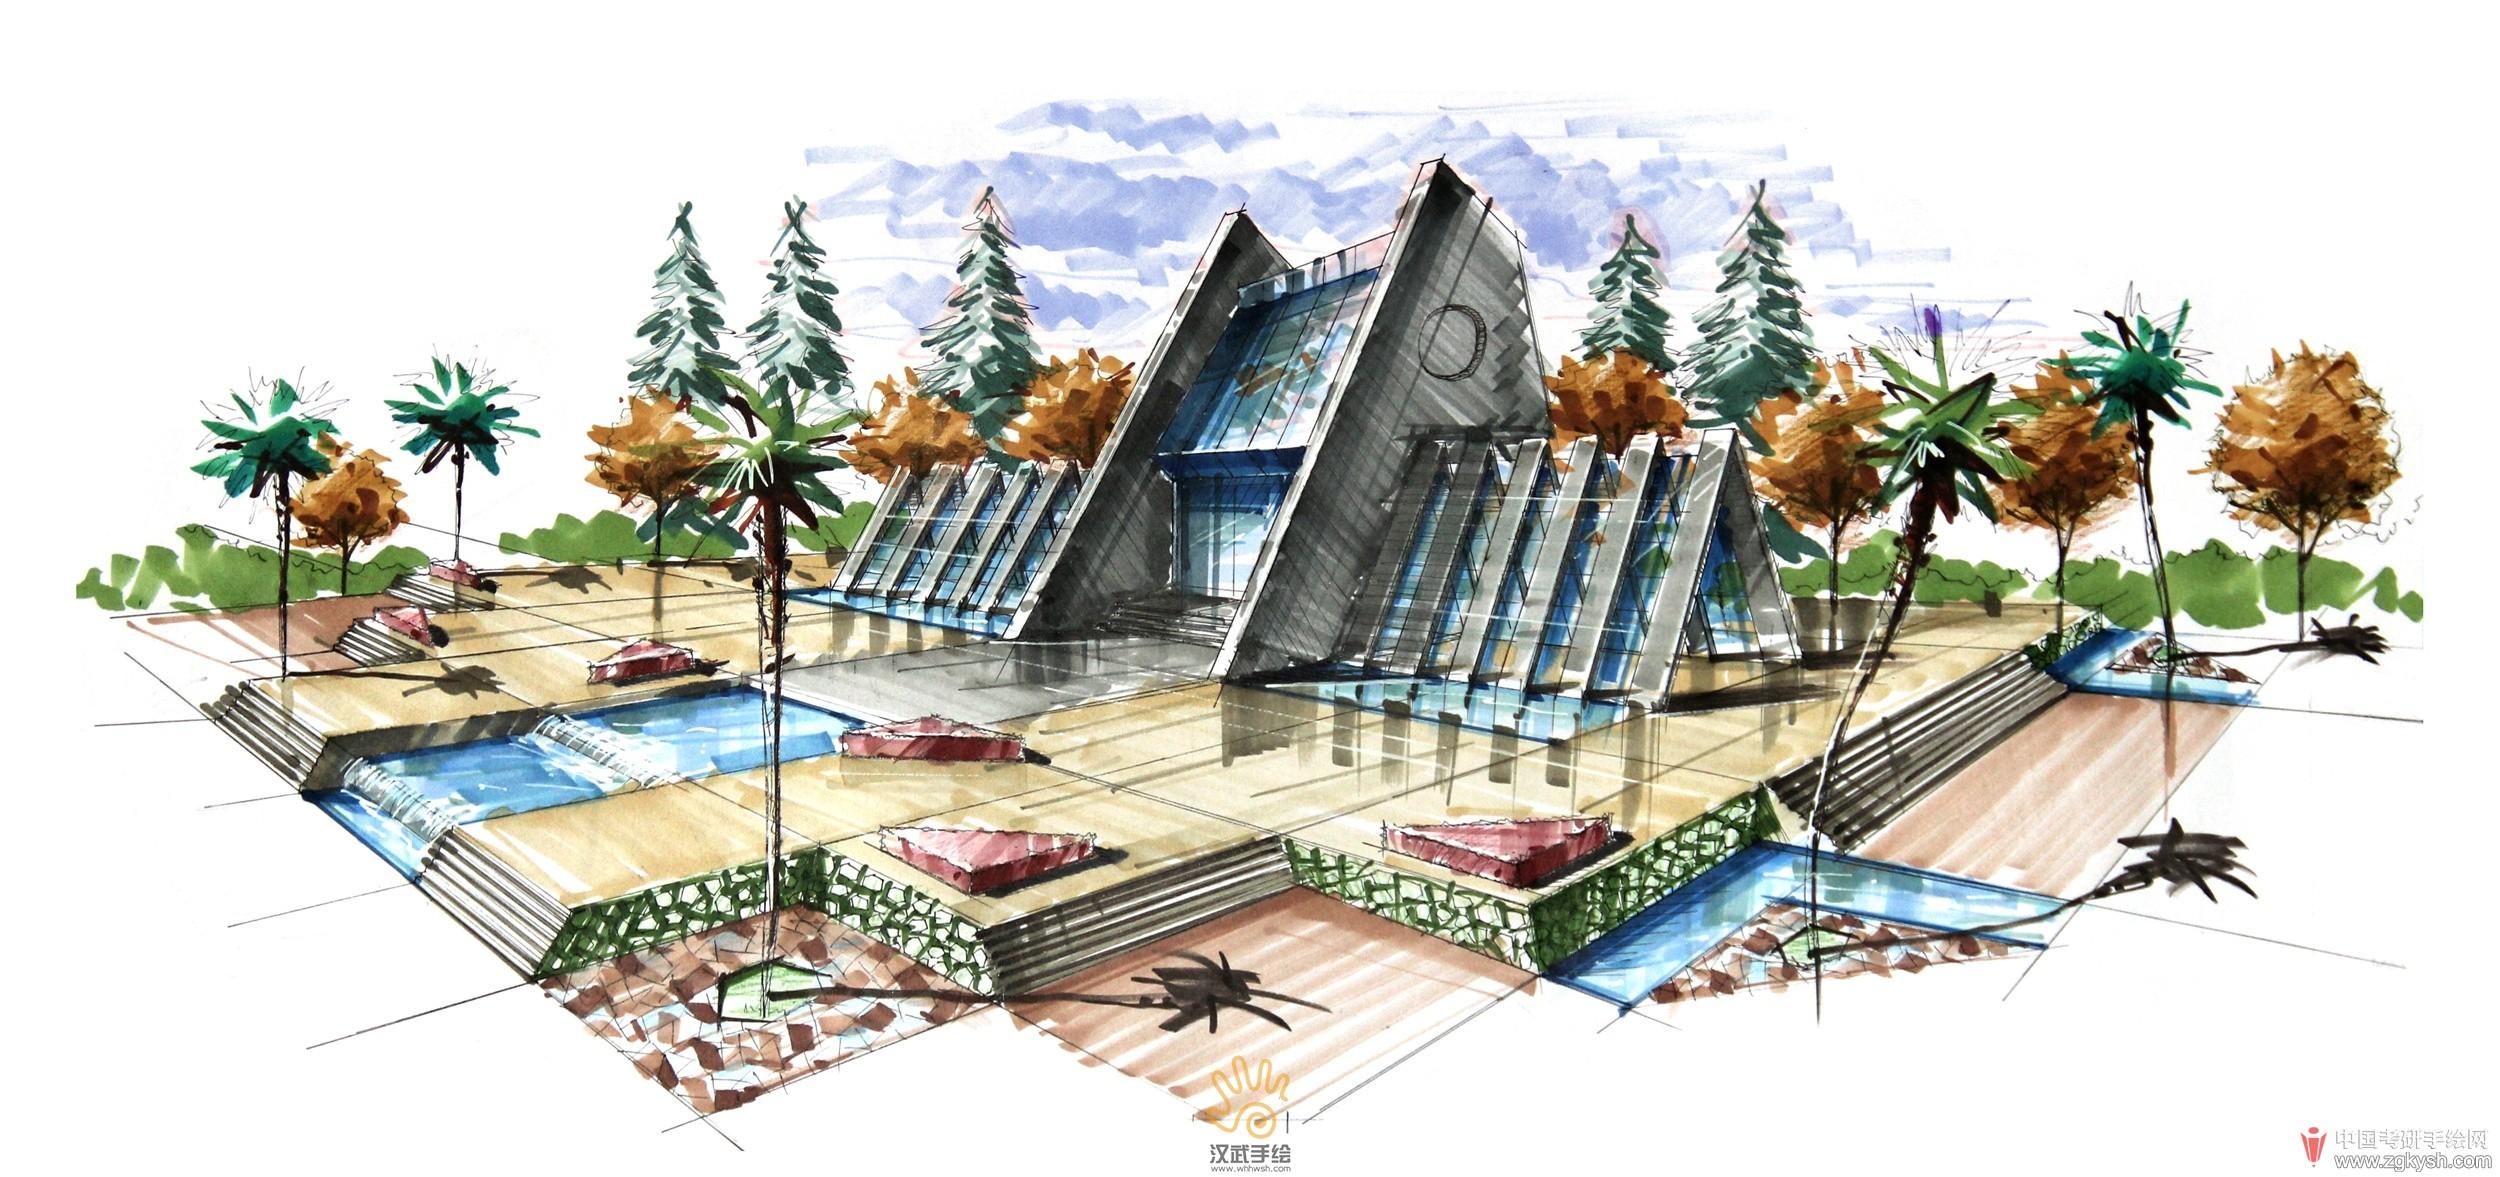 公园小建筑设计手绘方案图.jpg